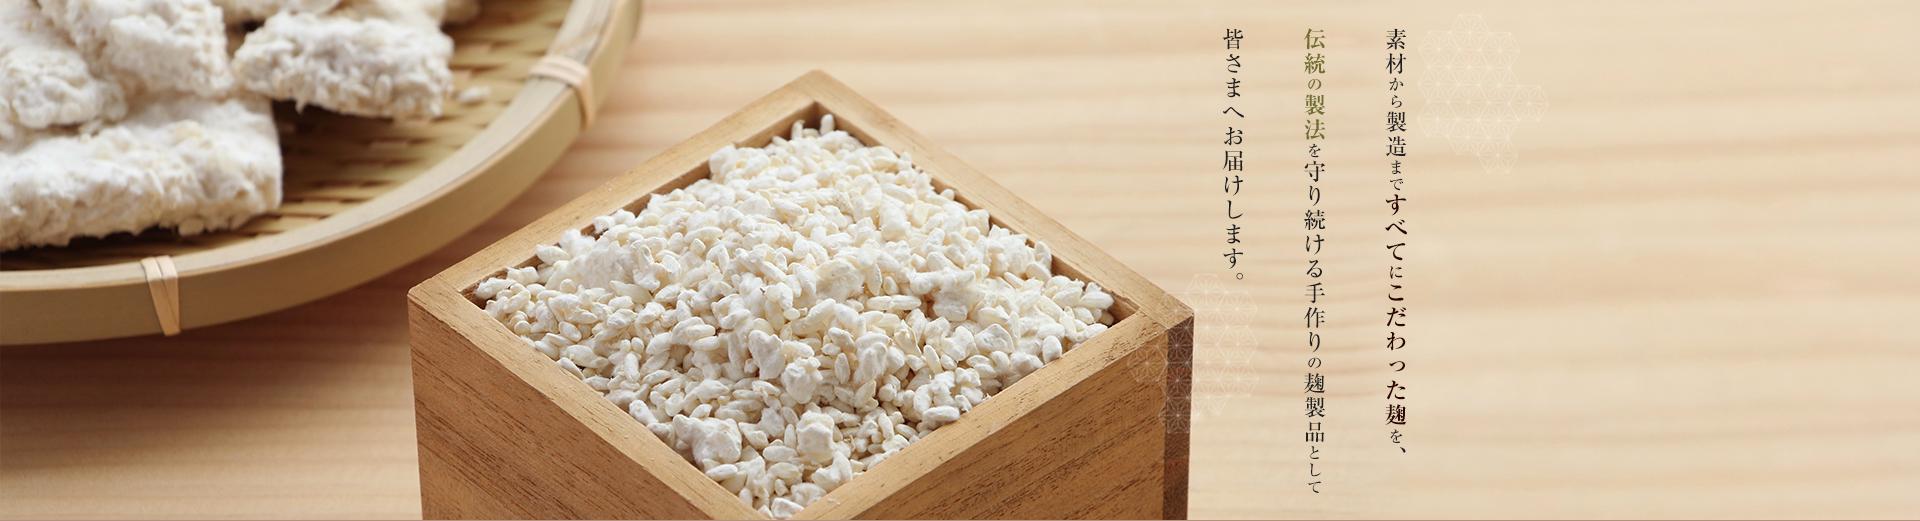 素材から製造まですべてにこだわった麹を、伝統の製法を守り続ける手作りの麹製品として皆さまへお届けします。